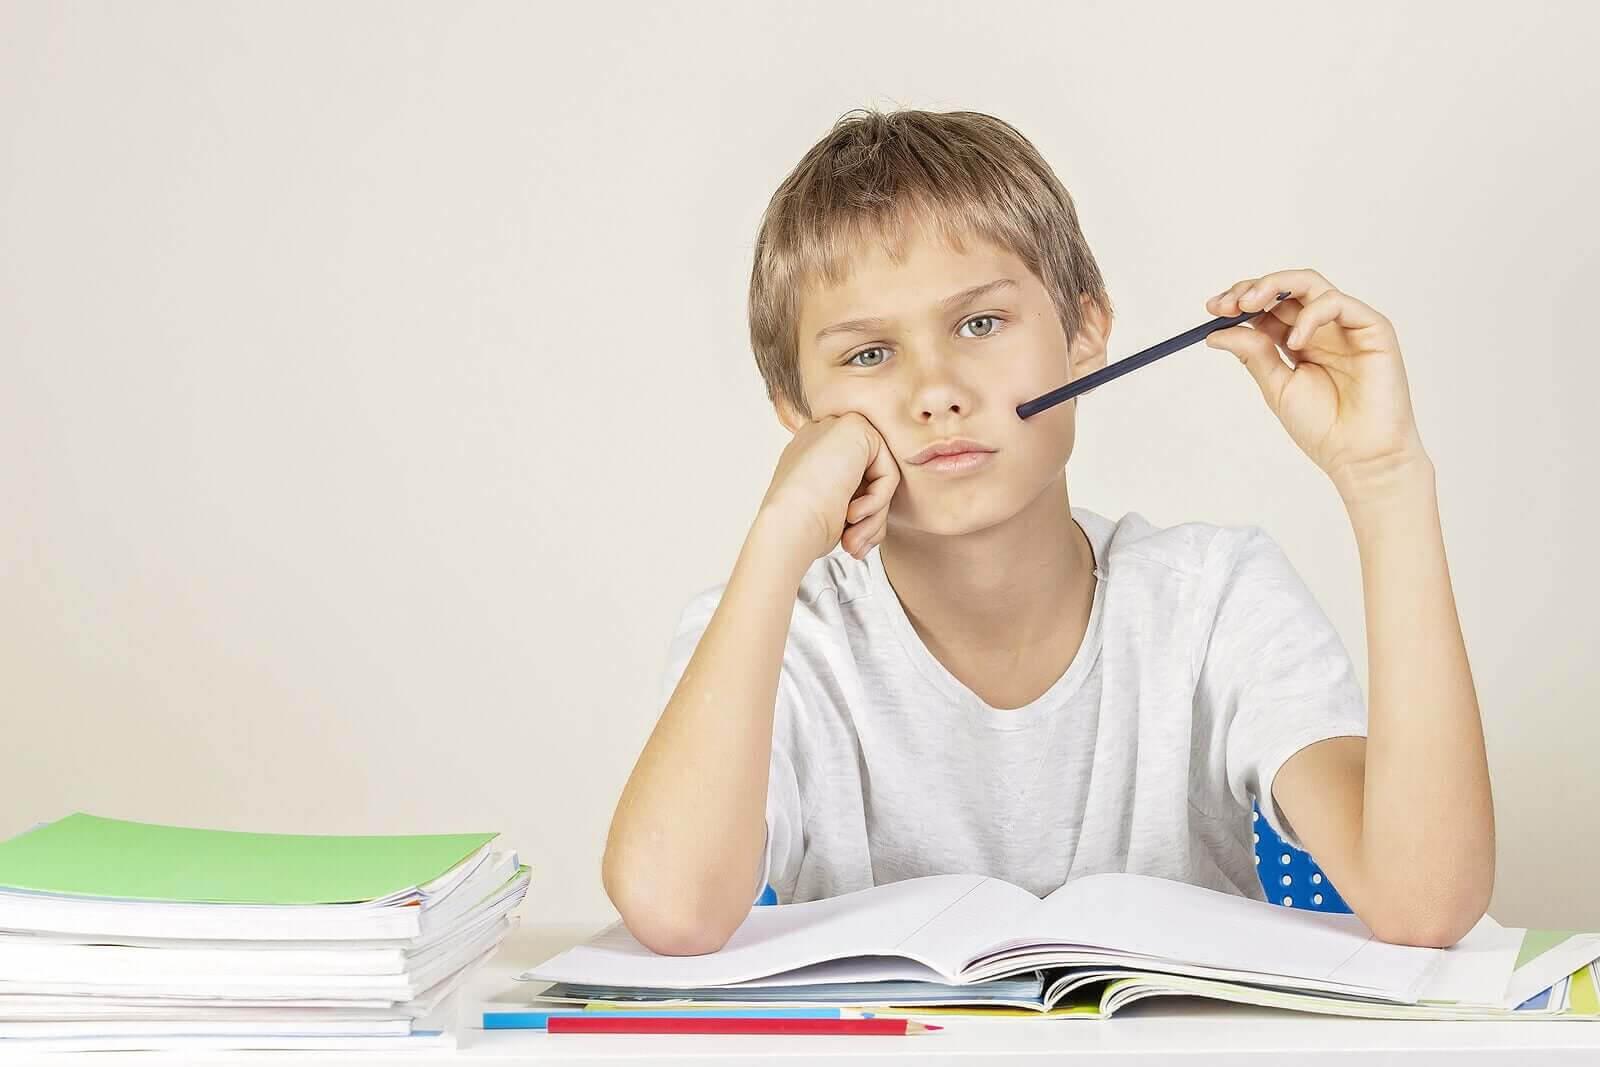 barn får dåliga betyg: pojke gör läxor